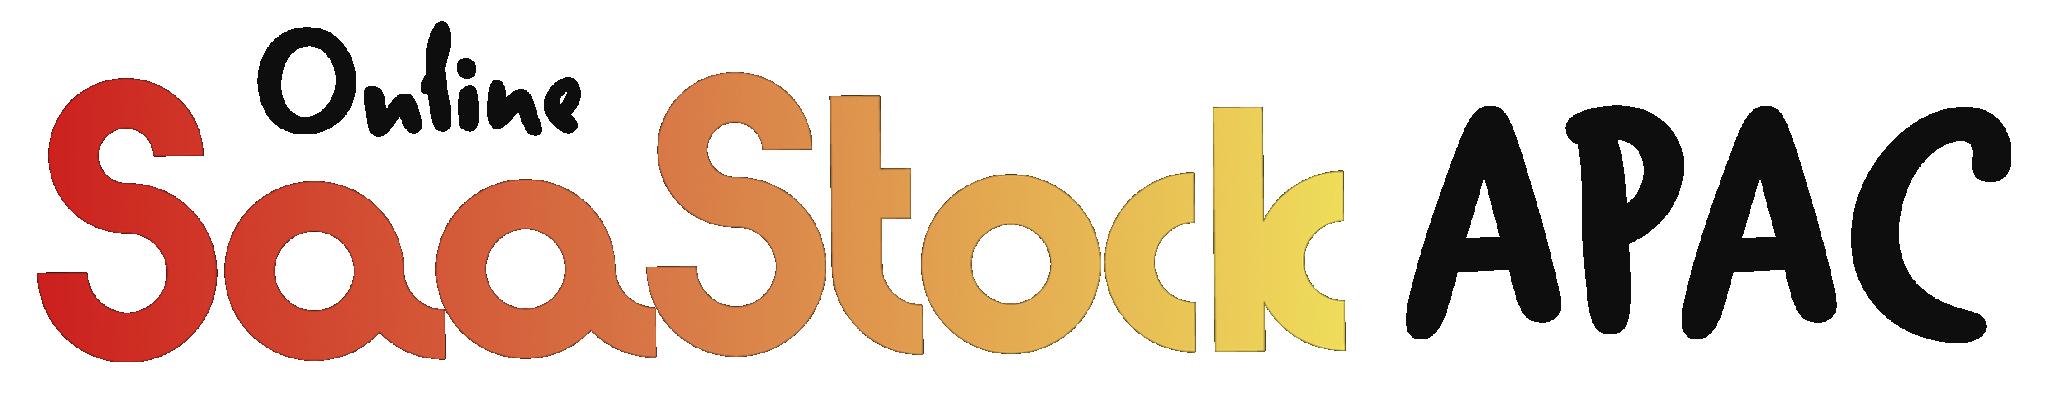 Online Saastock APAC